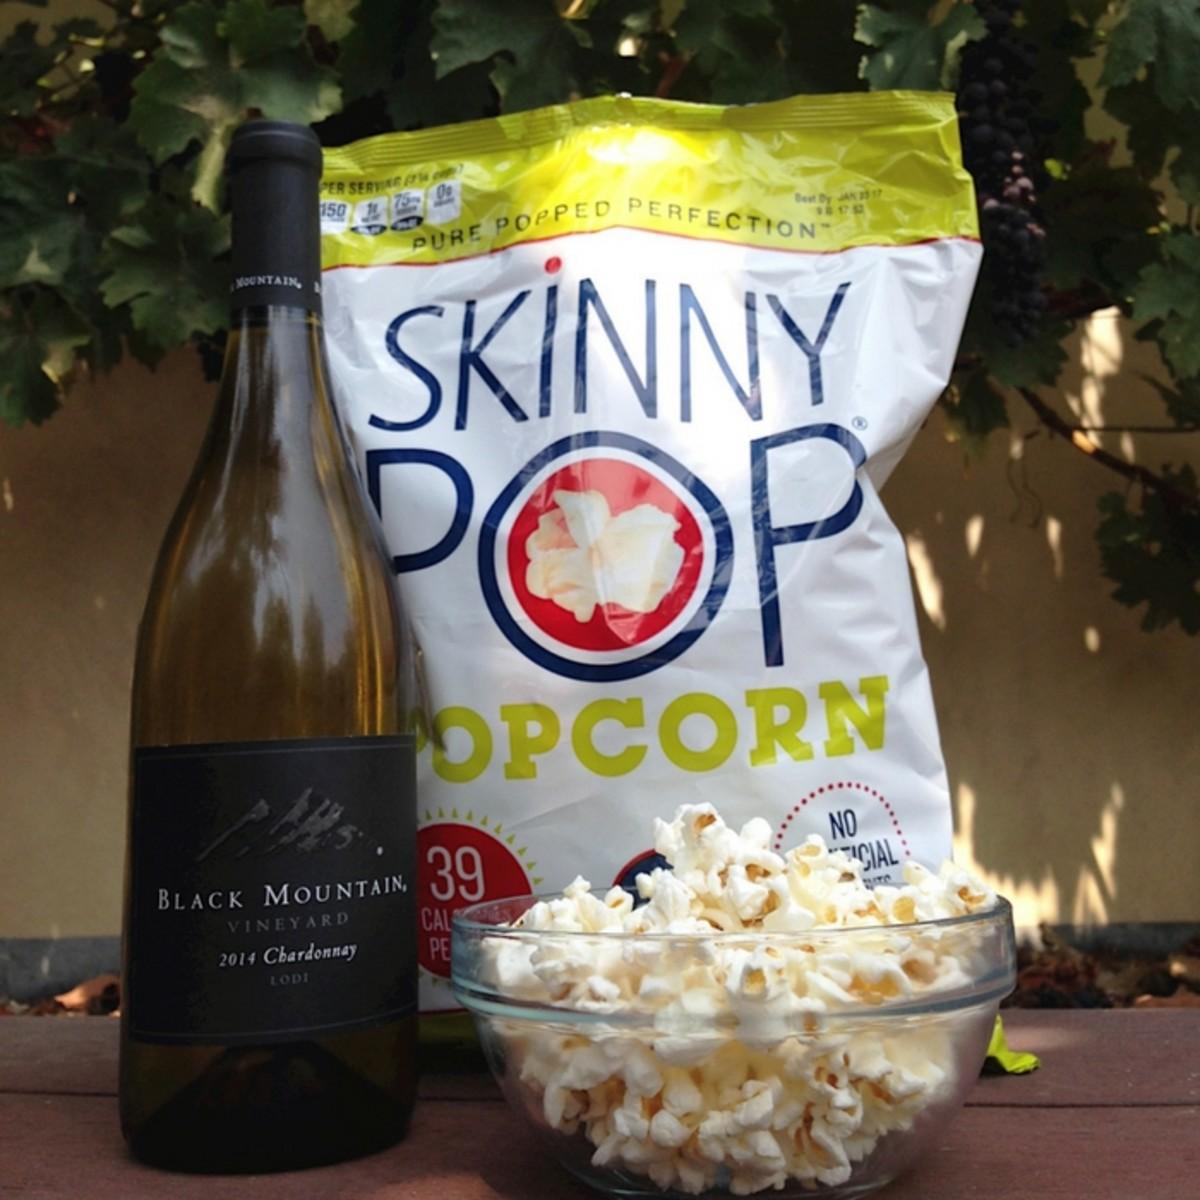 SkinnyPop popcorn + wine